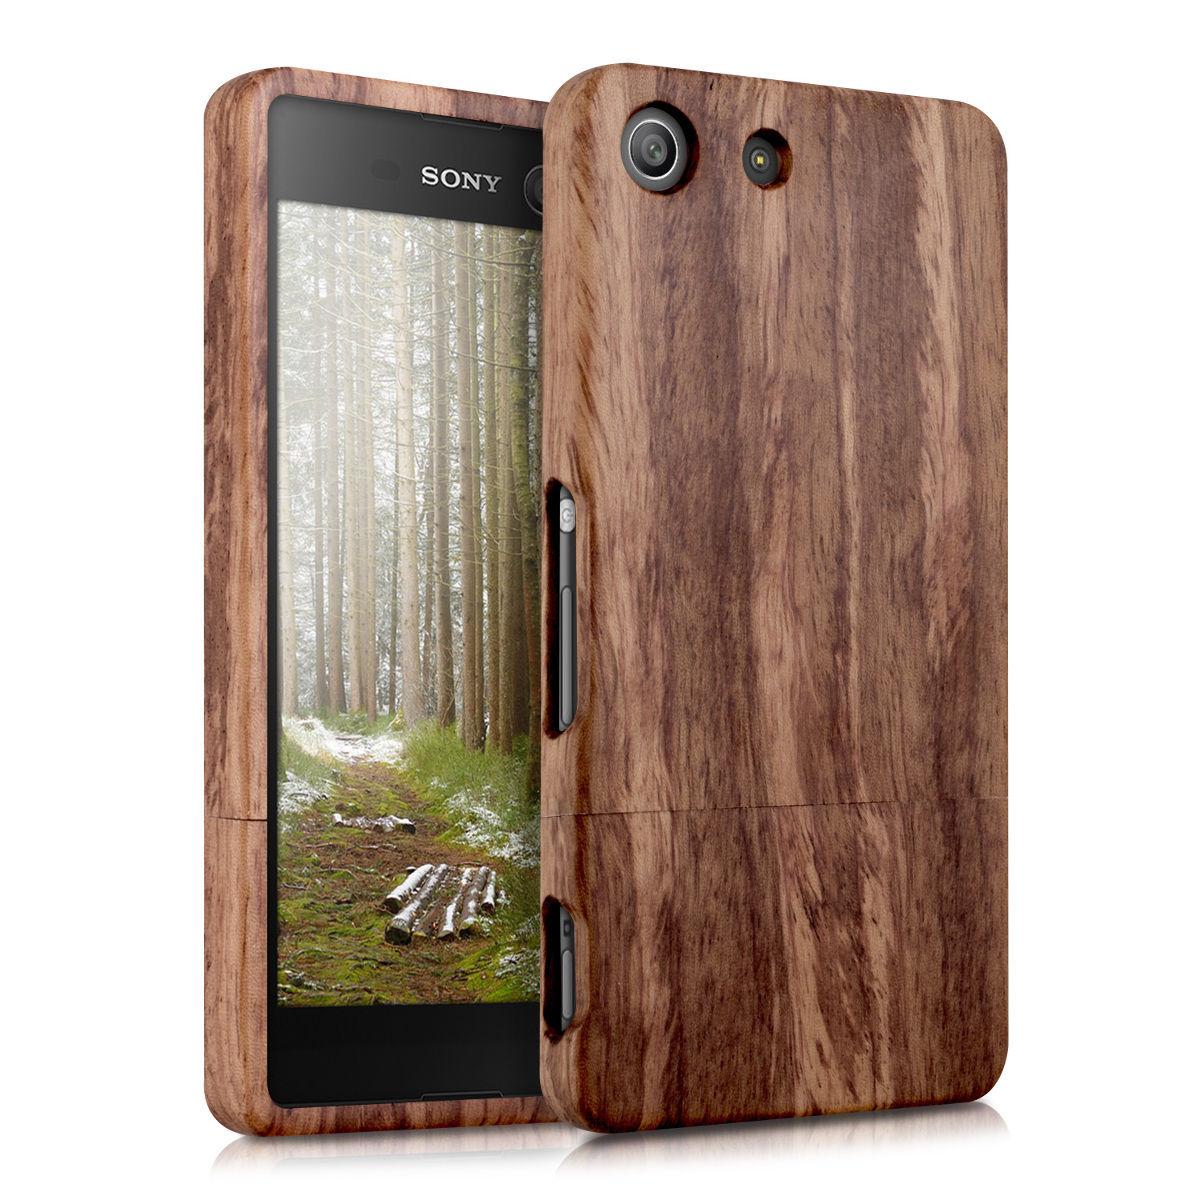 Pouzdro pro Sony Xperia M5 dřevo